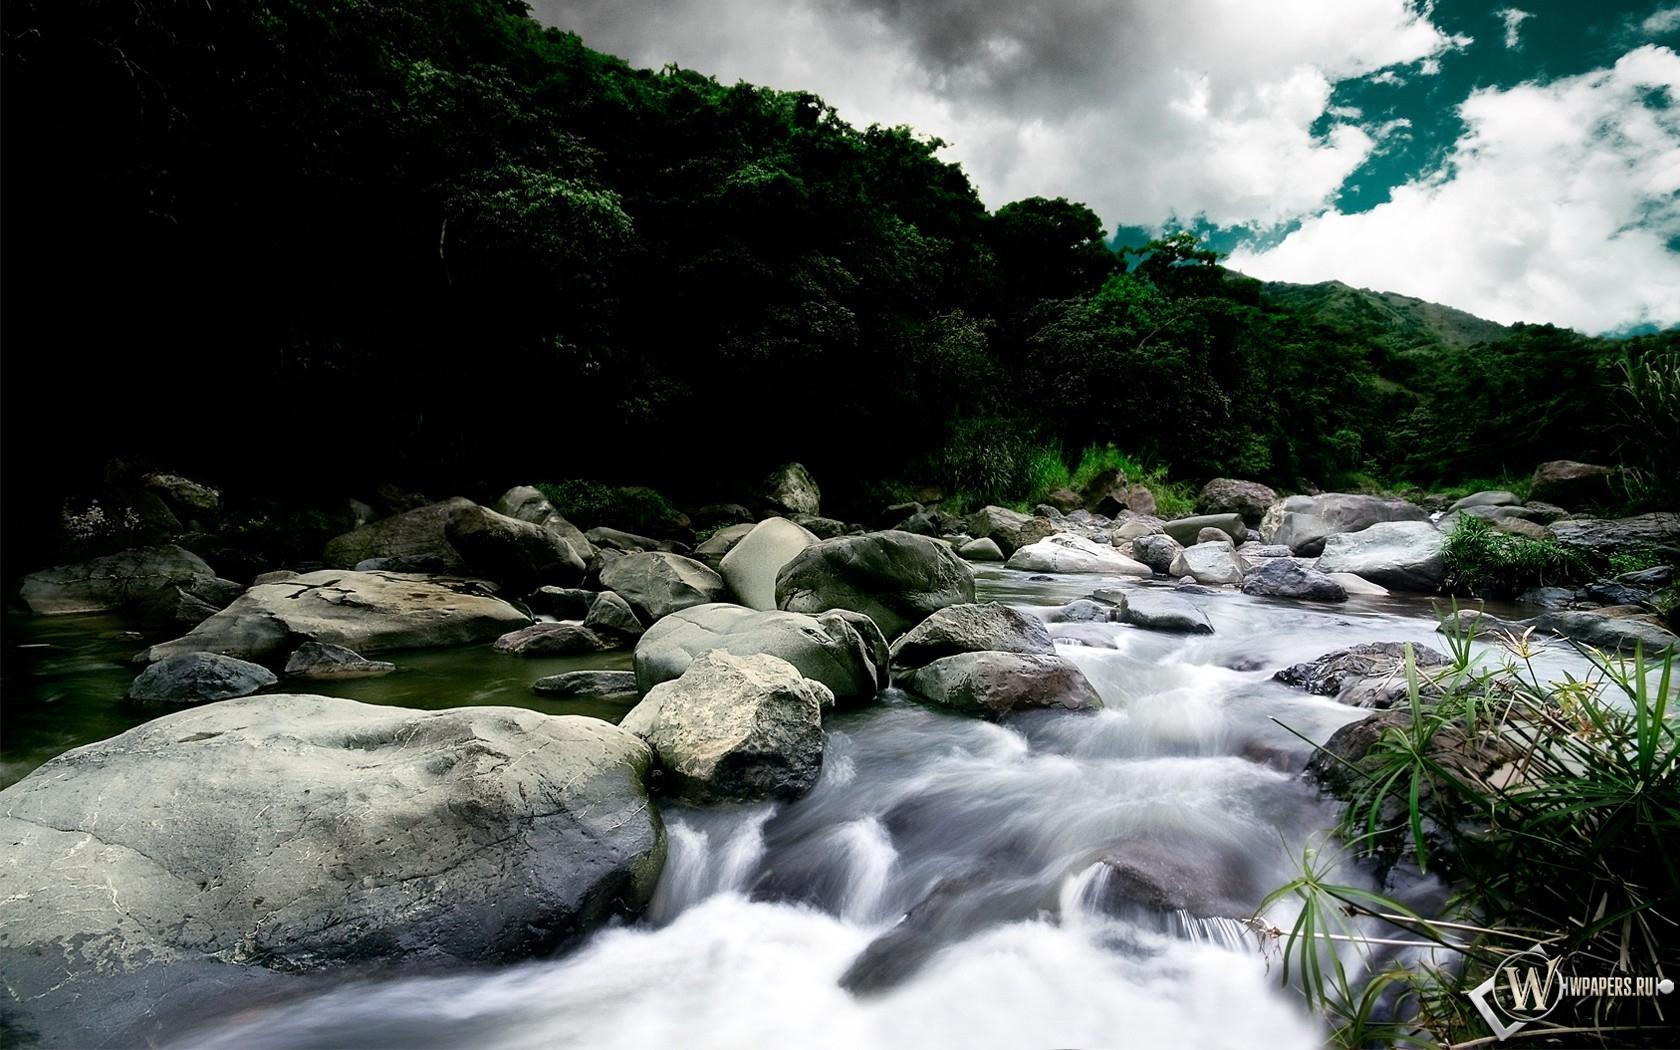 Горная река 1680x1050